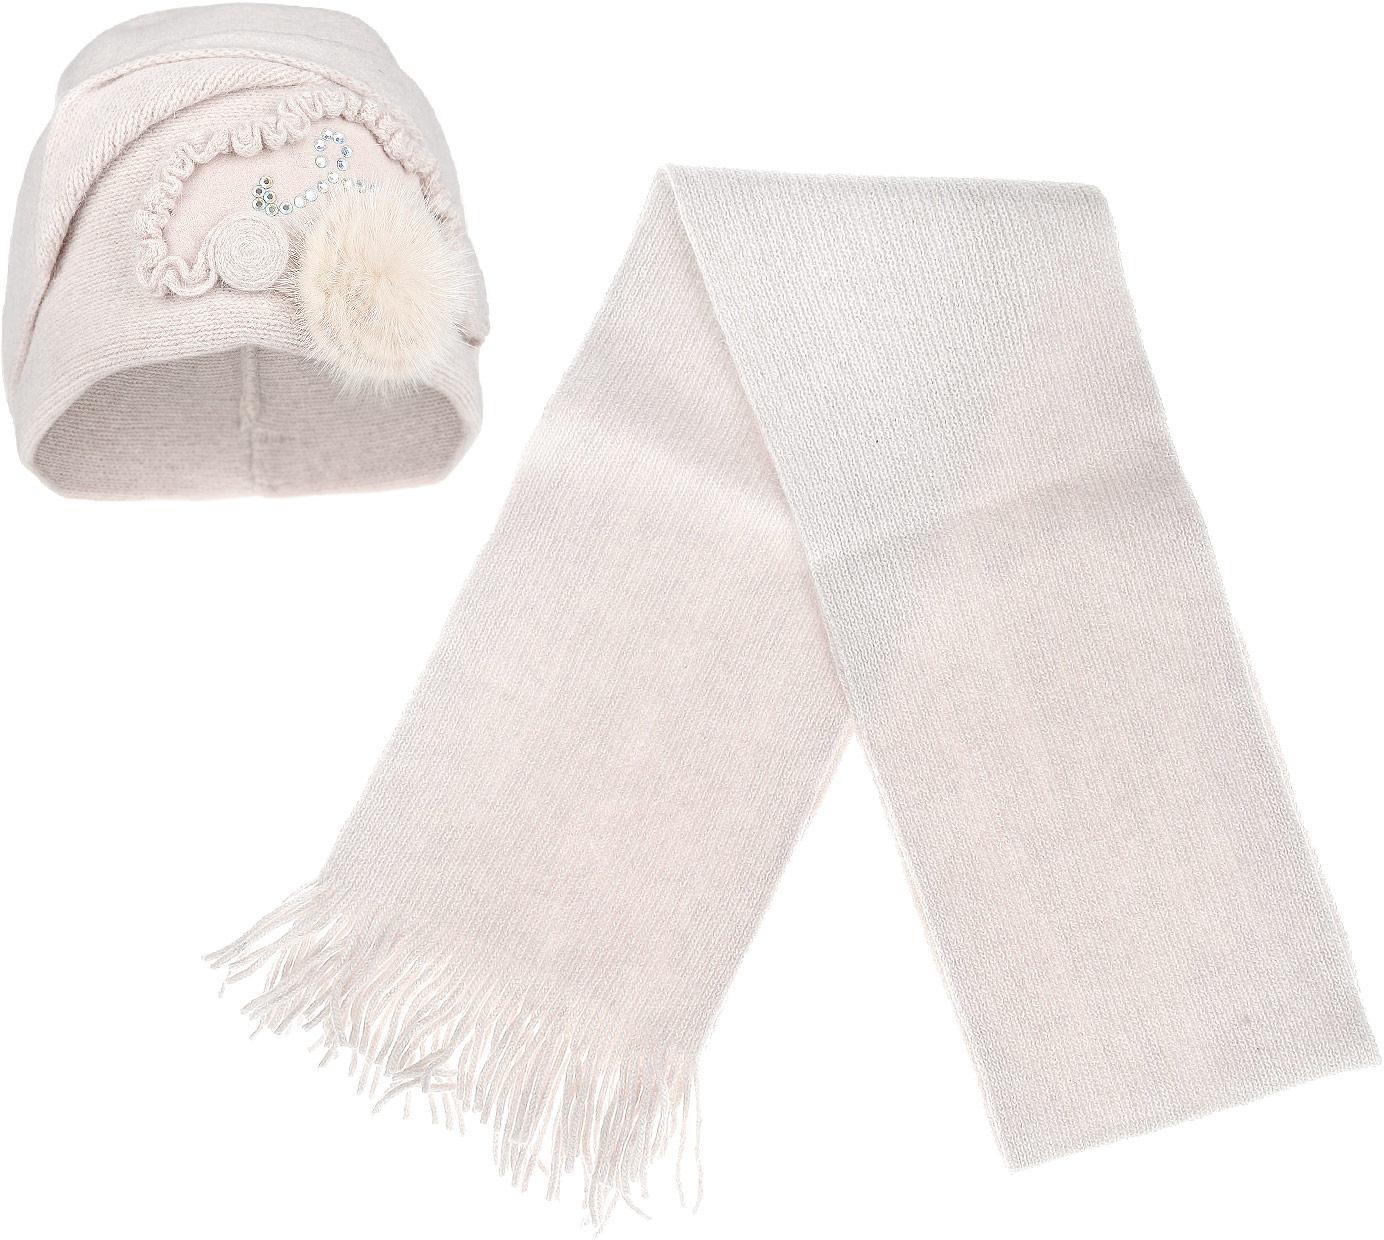 Комплект женский: шапка, шарф. 2013-122013-12-22Потрясающий женский комплект Fabretti, состоящий из шапки и шарфа, отлично дополнит ваш образ в холодную погоду. Комплект выполнен из шерсти с добавлением полиамида. Шапочка с оригинальным отворотом оформлена декоративной нашивкой со стразами и натуральным мехом. Шарфик дополнен аккуратными кисточками. Создайте элегантный образ и подчеркните свою индивидуальность с великолепным комплектом от Fabretti.